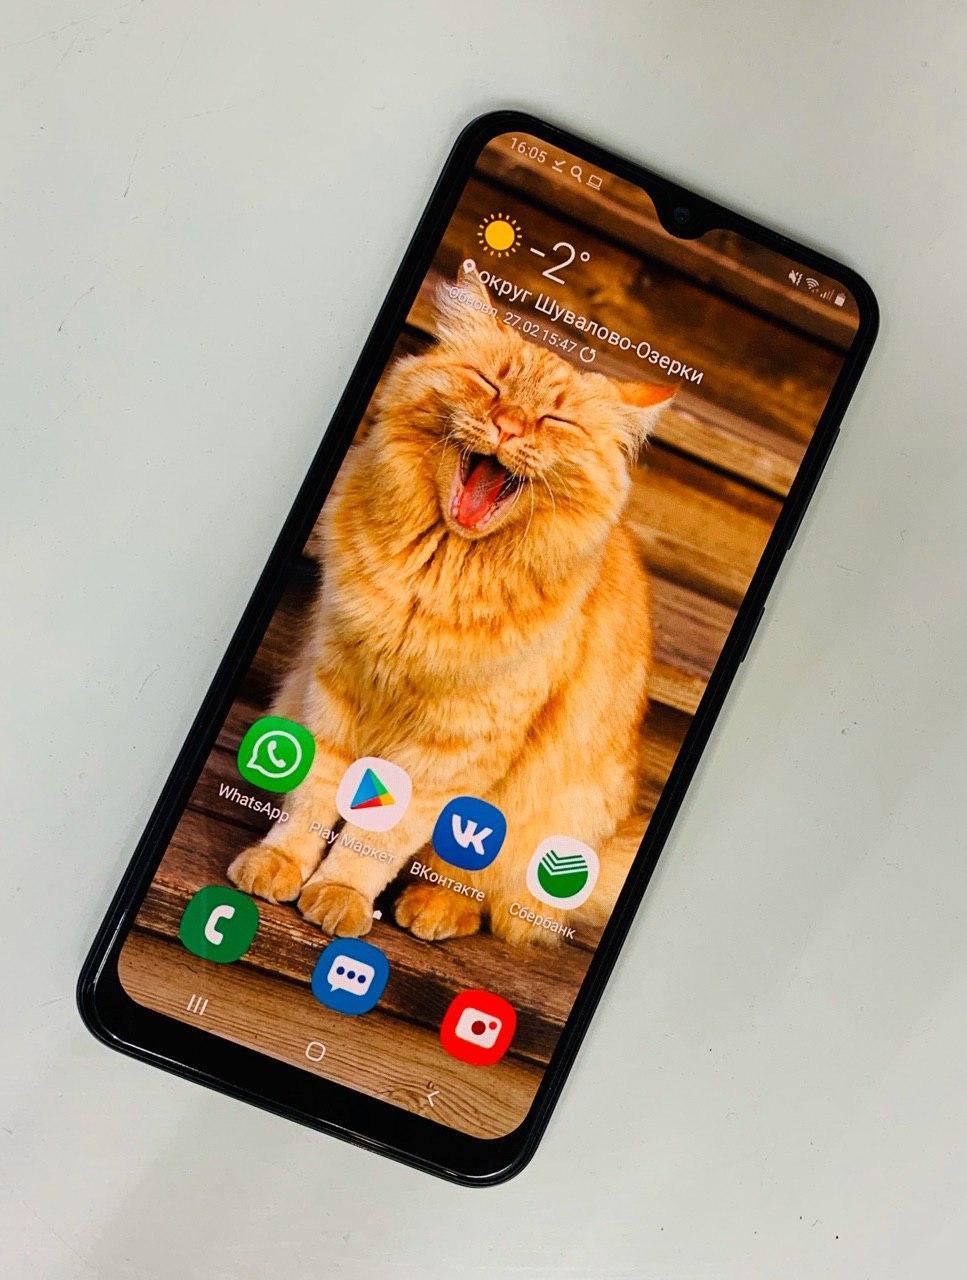 Выкуп смартфонов и телефонов в СПБ до 90% от стоимости, деньги моментально!